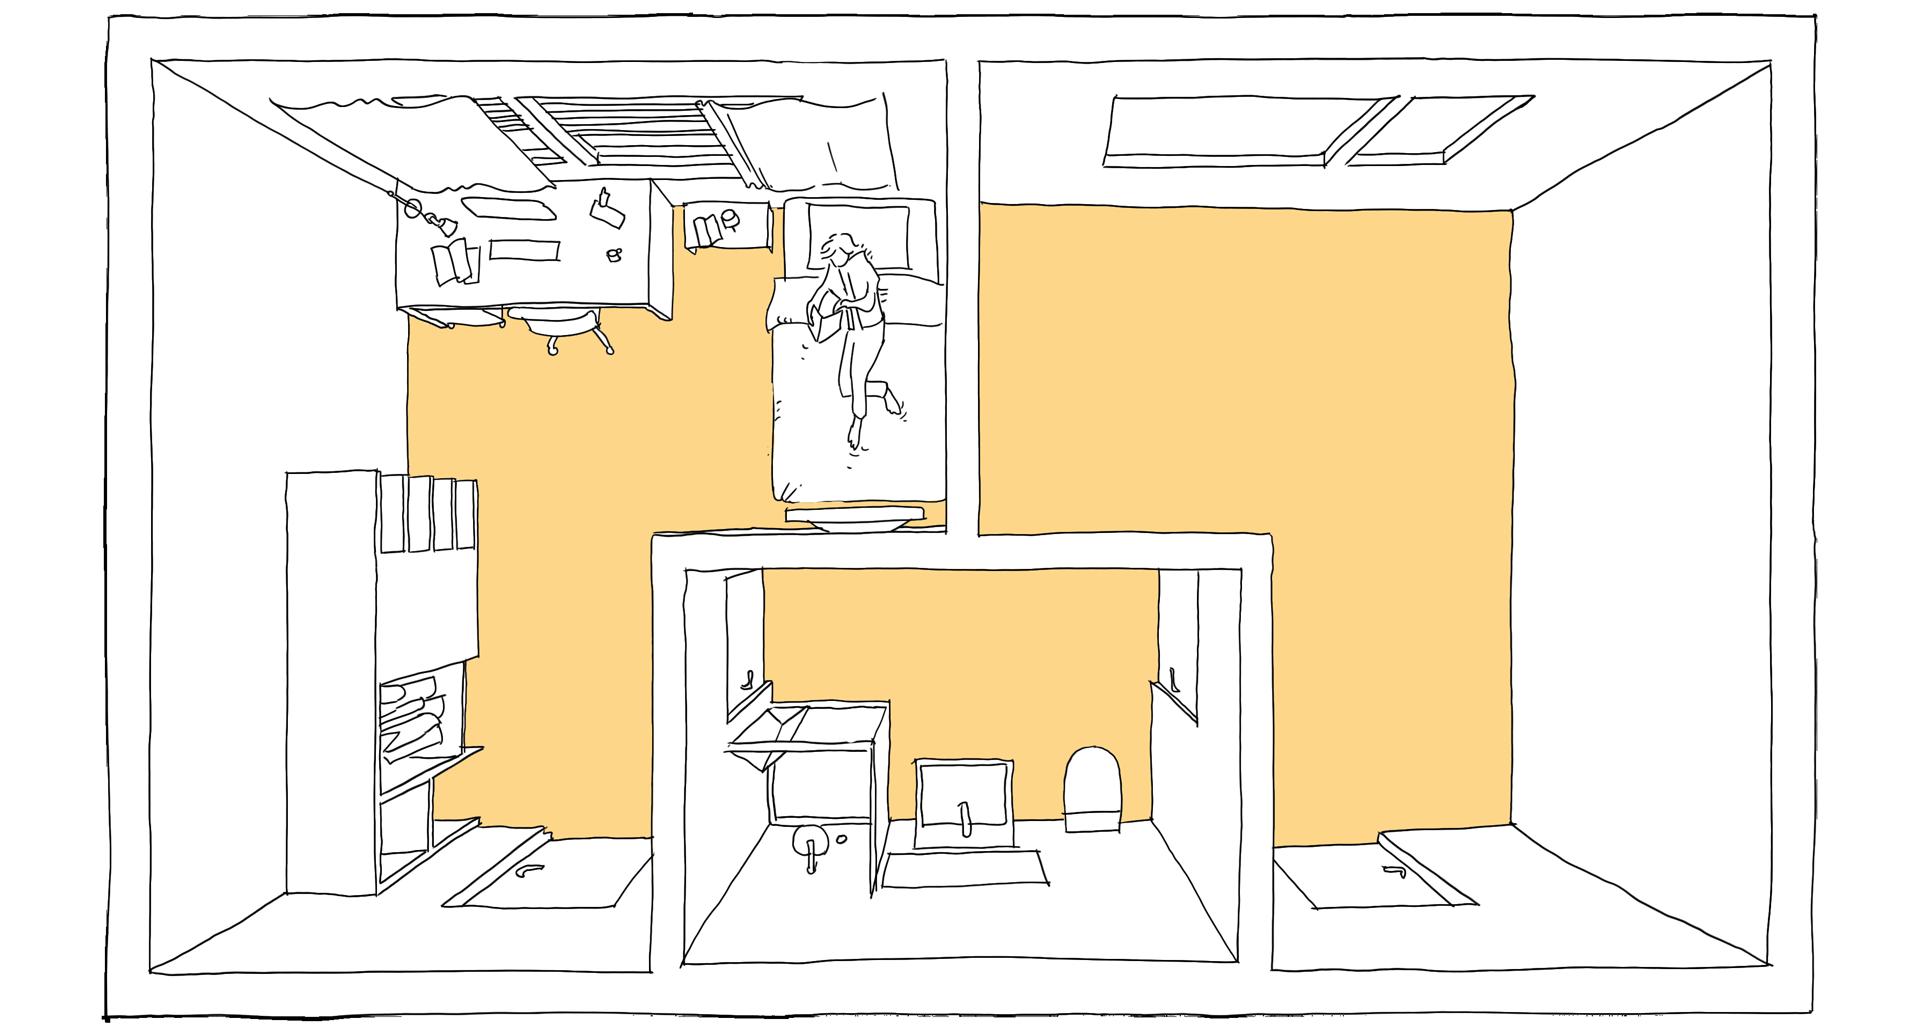 dienstzimmer neo t r ume. Black Bedroom Furniture Sets. Home Design Ideas